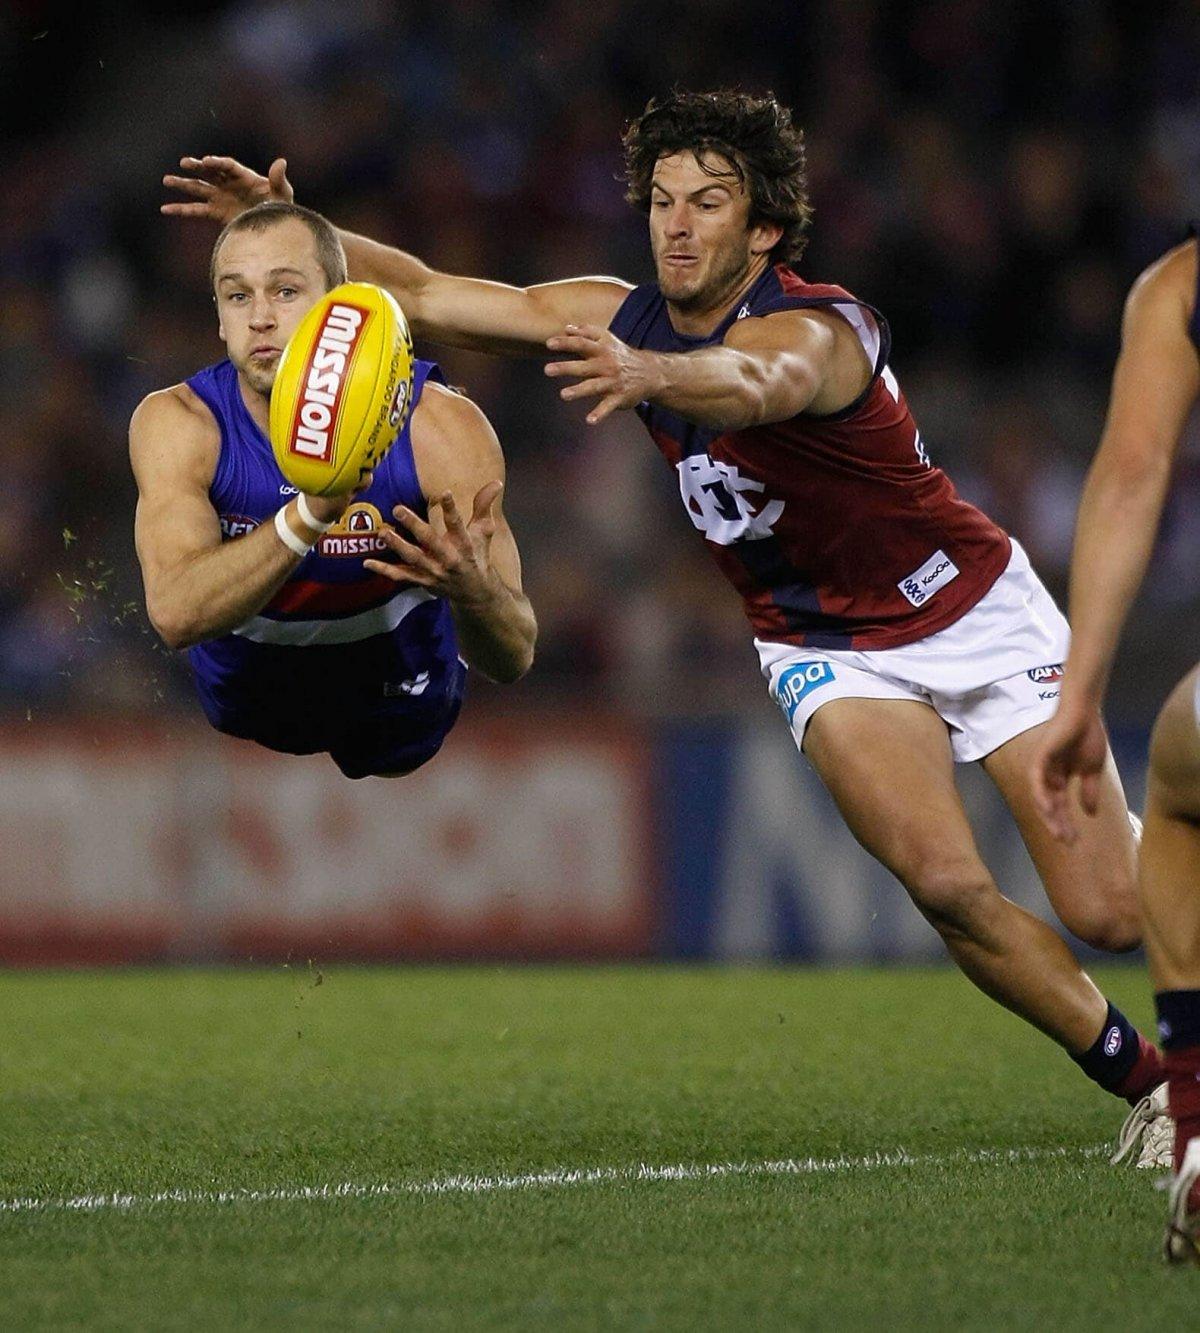 Ставки на австралийский футбол (фути): виды, стратегии, букмекеры